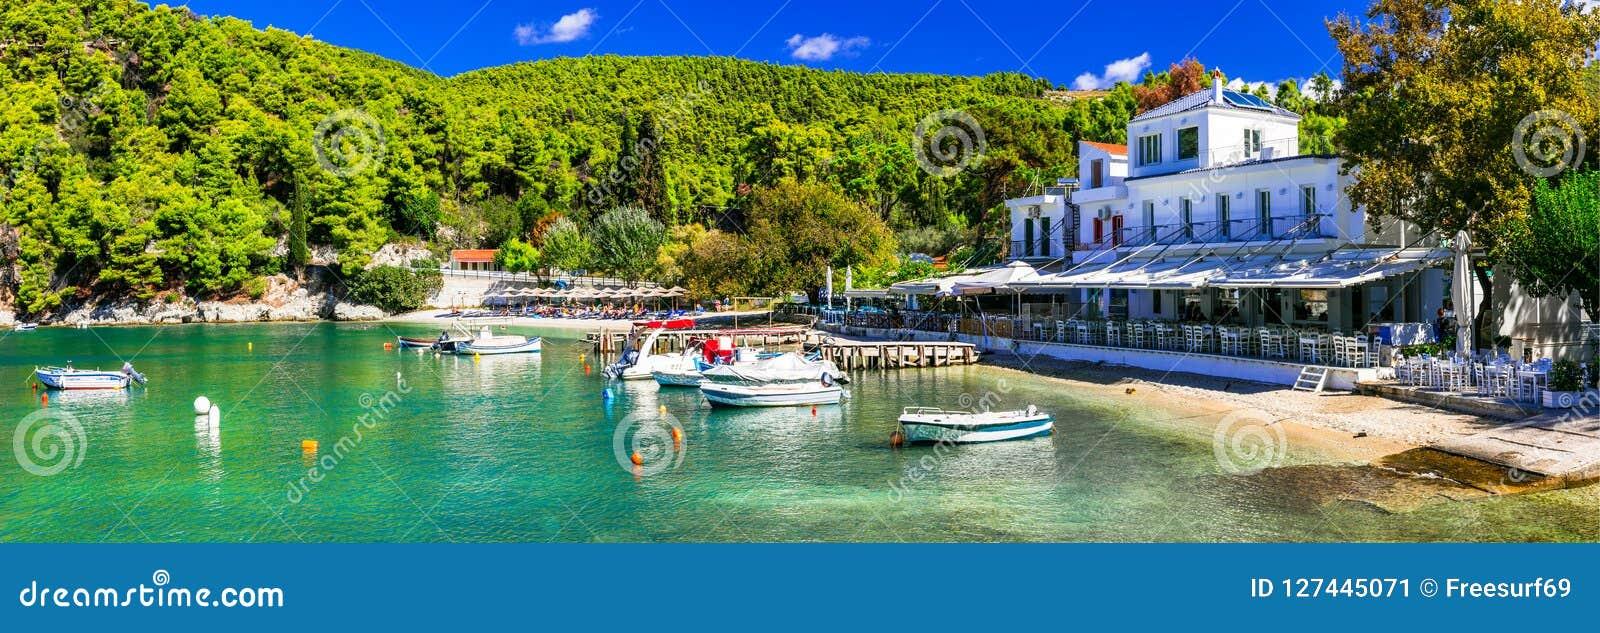 Village de pêche pittoresque Agnontas, île de Skopelos, Grèce